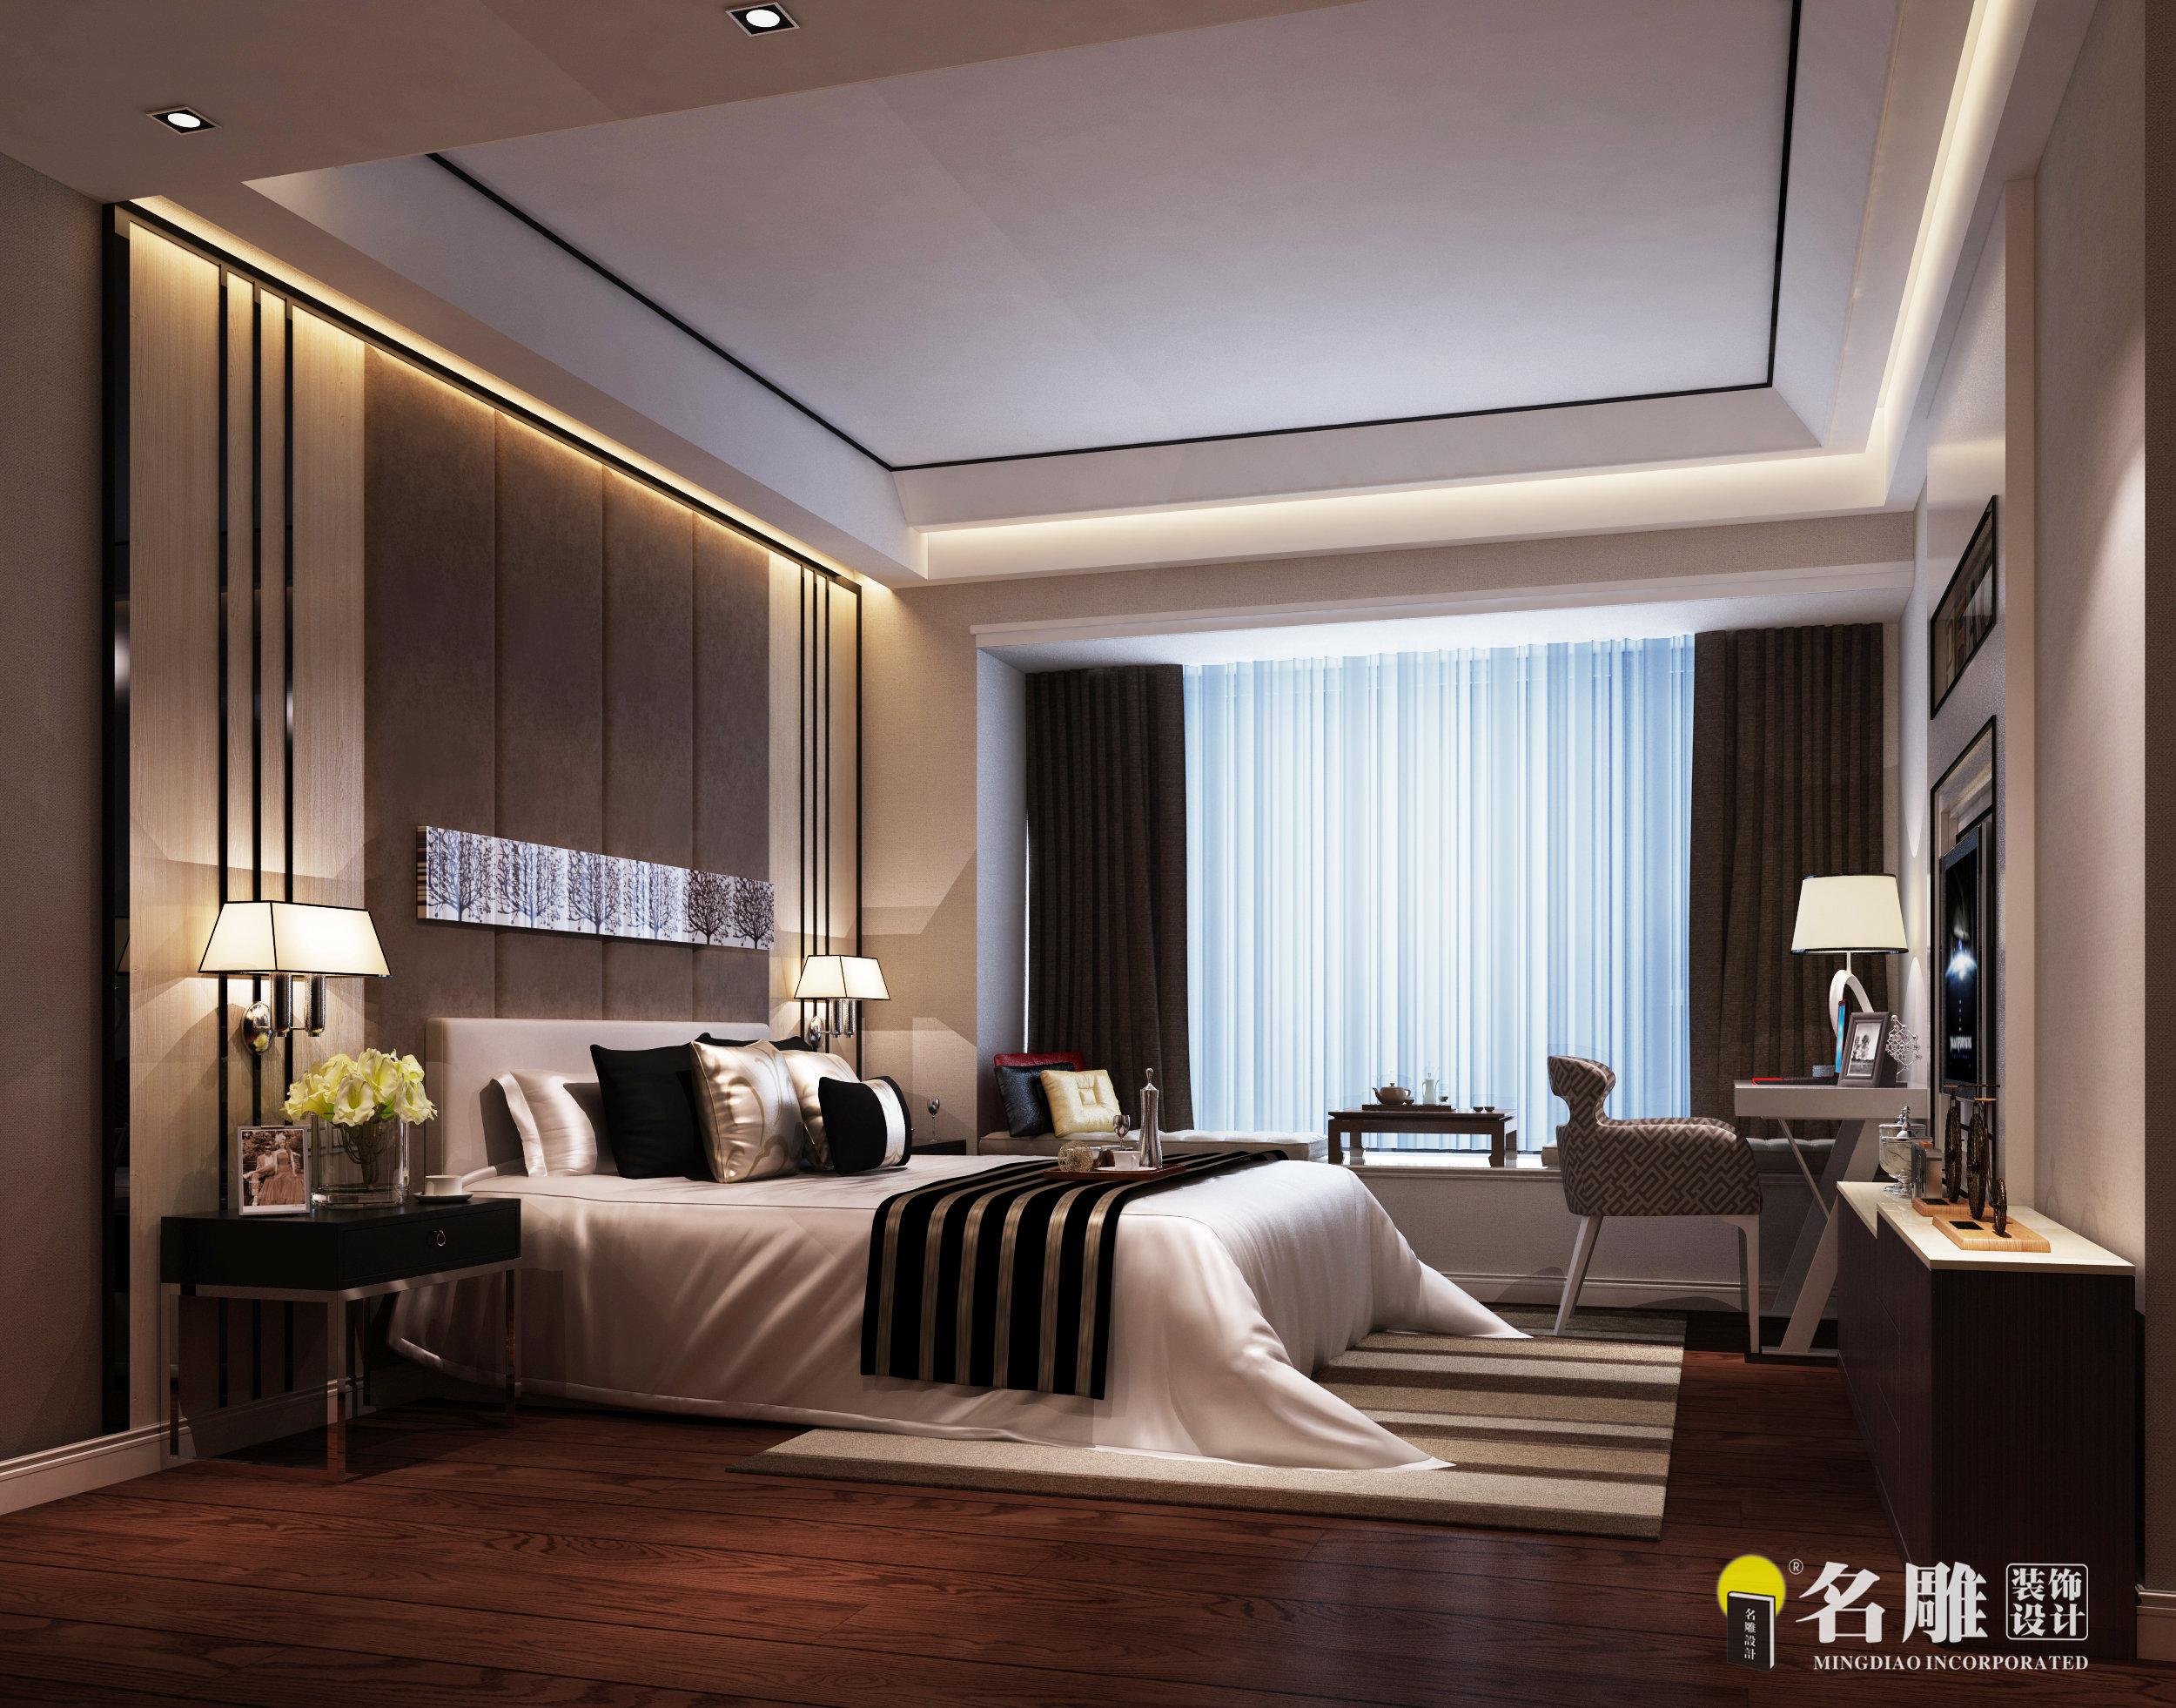 现代中式 四居 豪宅装饰 千灯湖一号 客厅 现代时尚 简约 卧室 卧室图